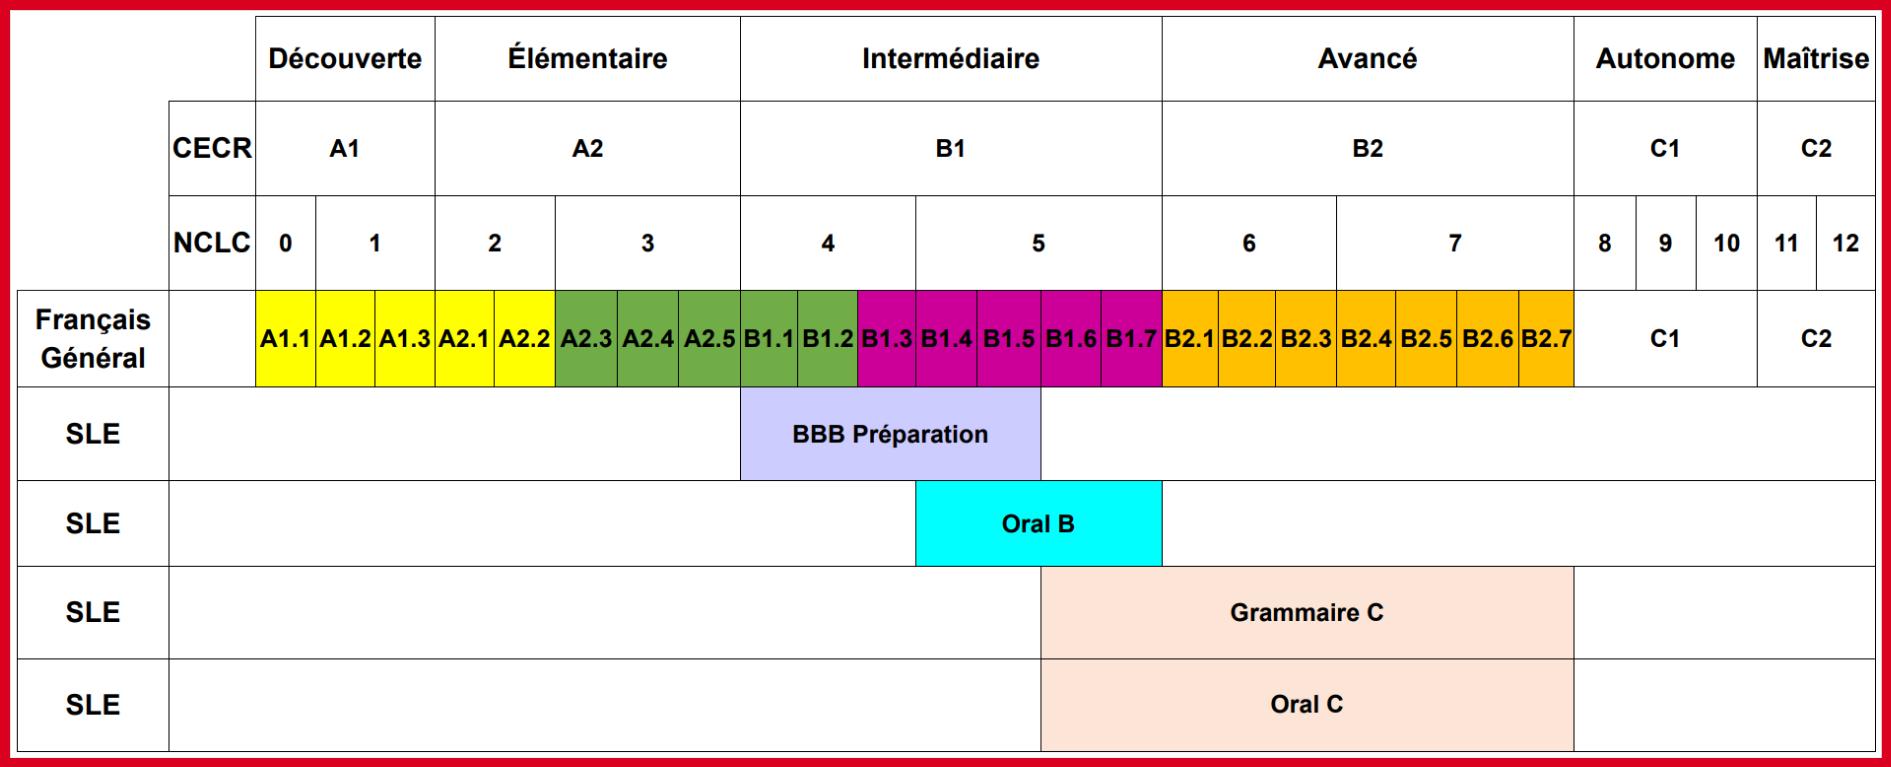 Grammaire C